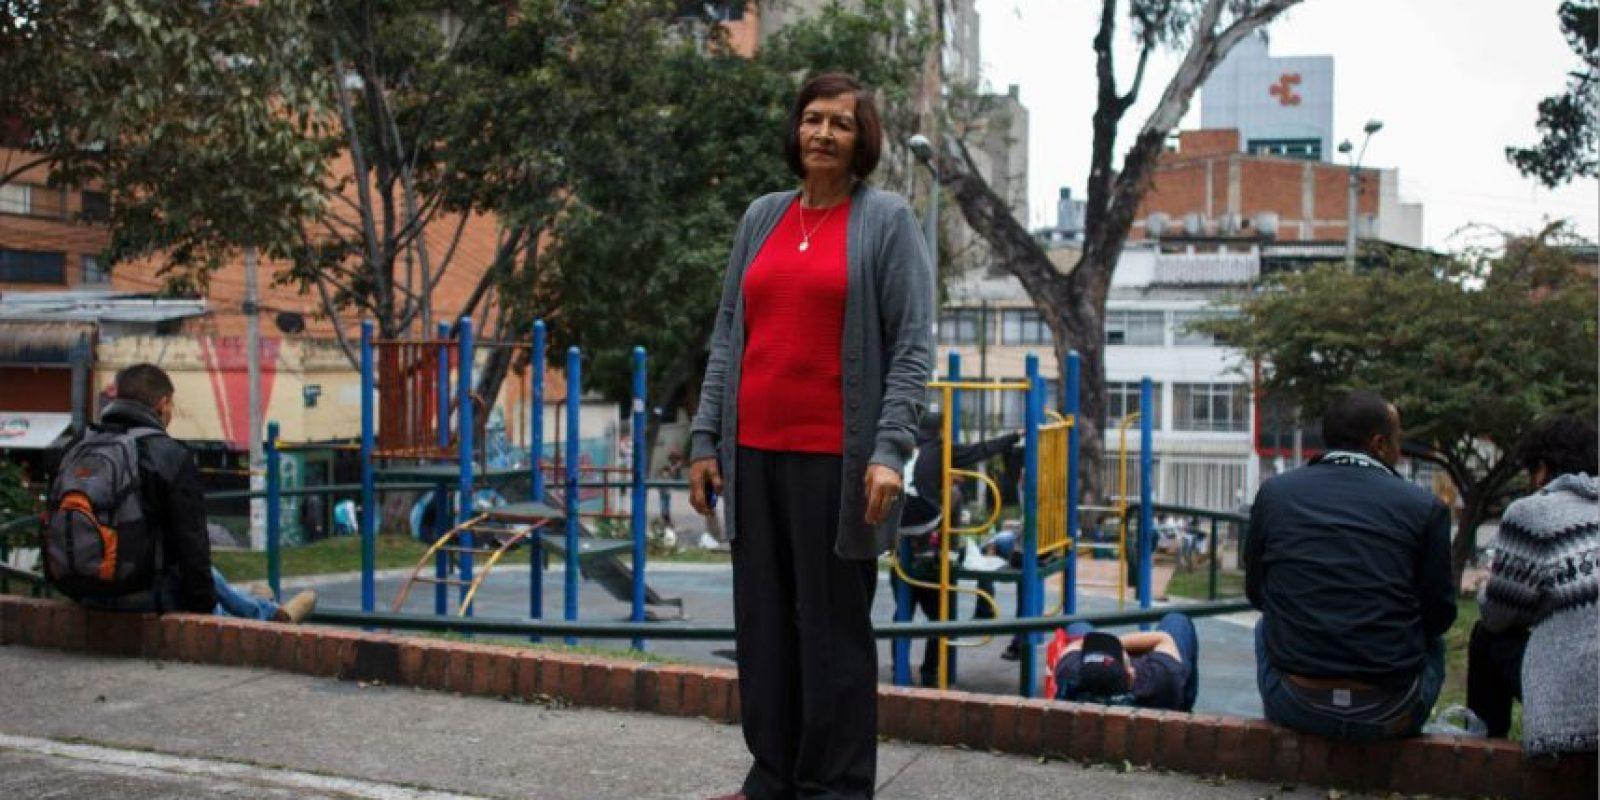 Ella es doña Berta Valero, defensora del sector de cuatro parques, en Chapinero. Foto:Juan Pablo Pino-Publimetro